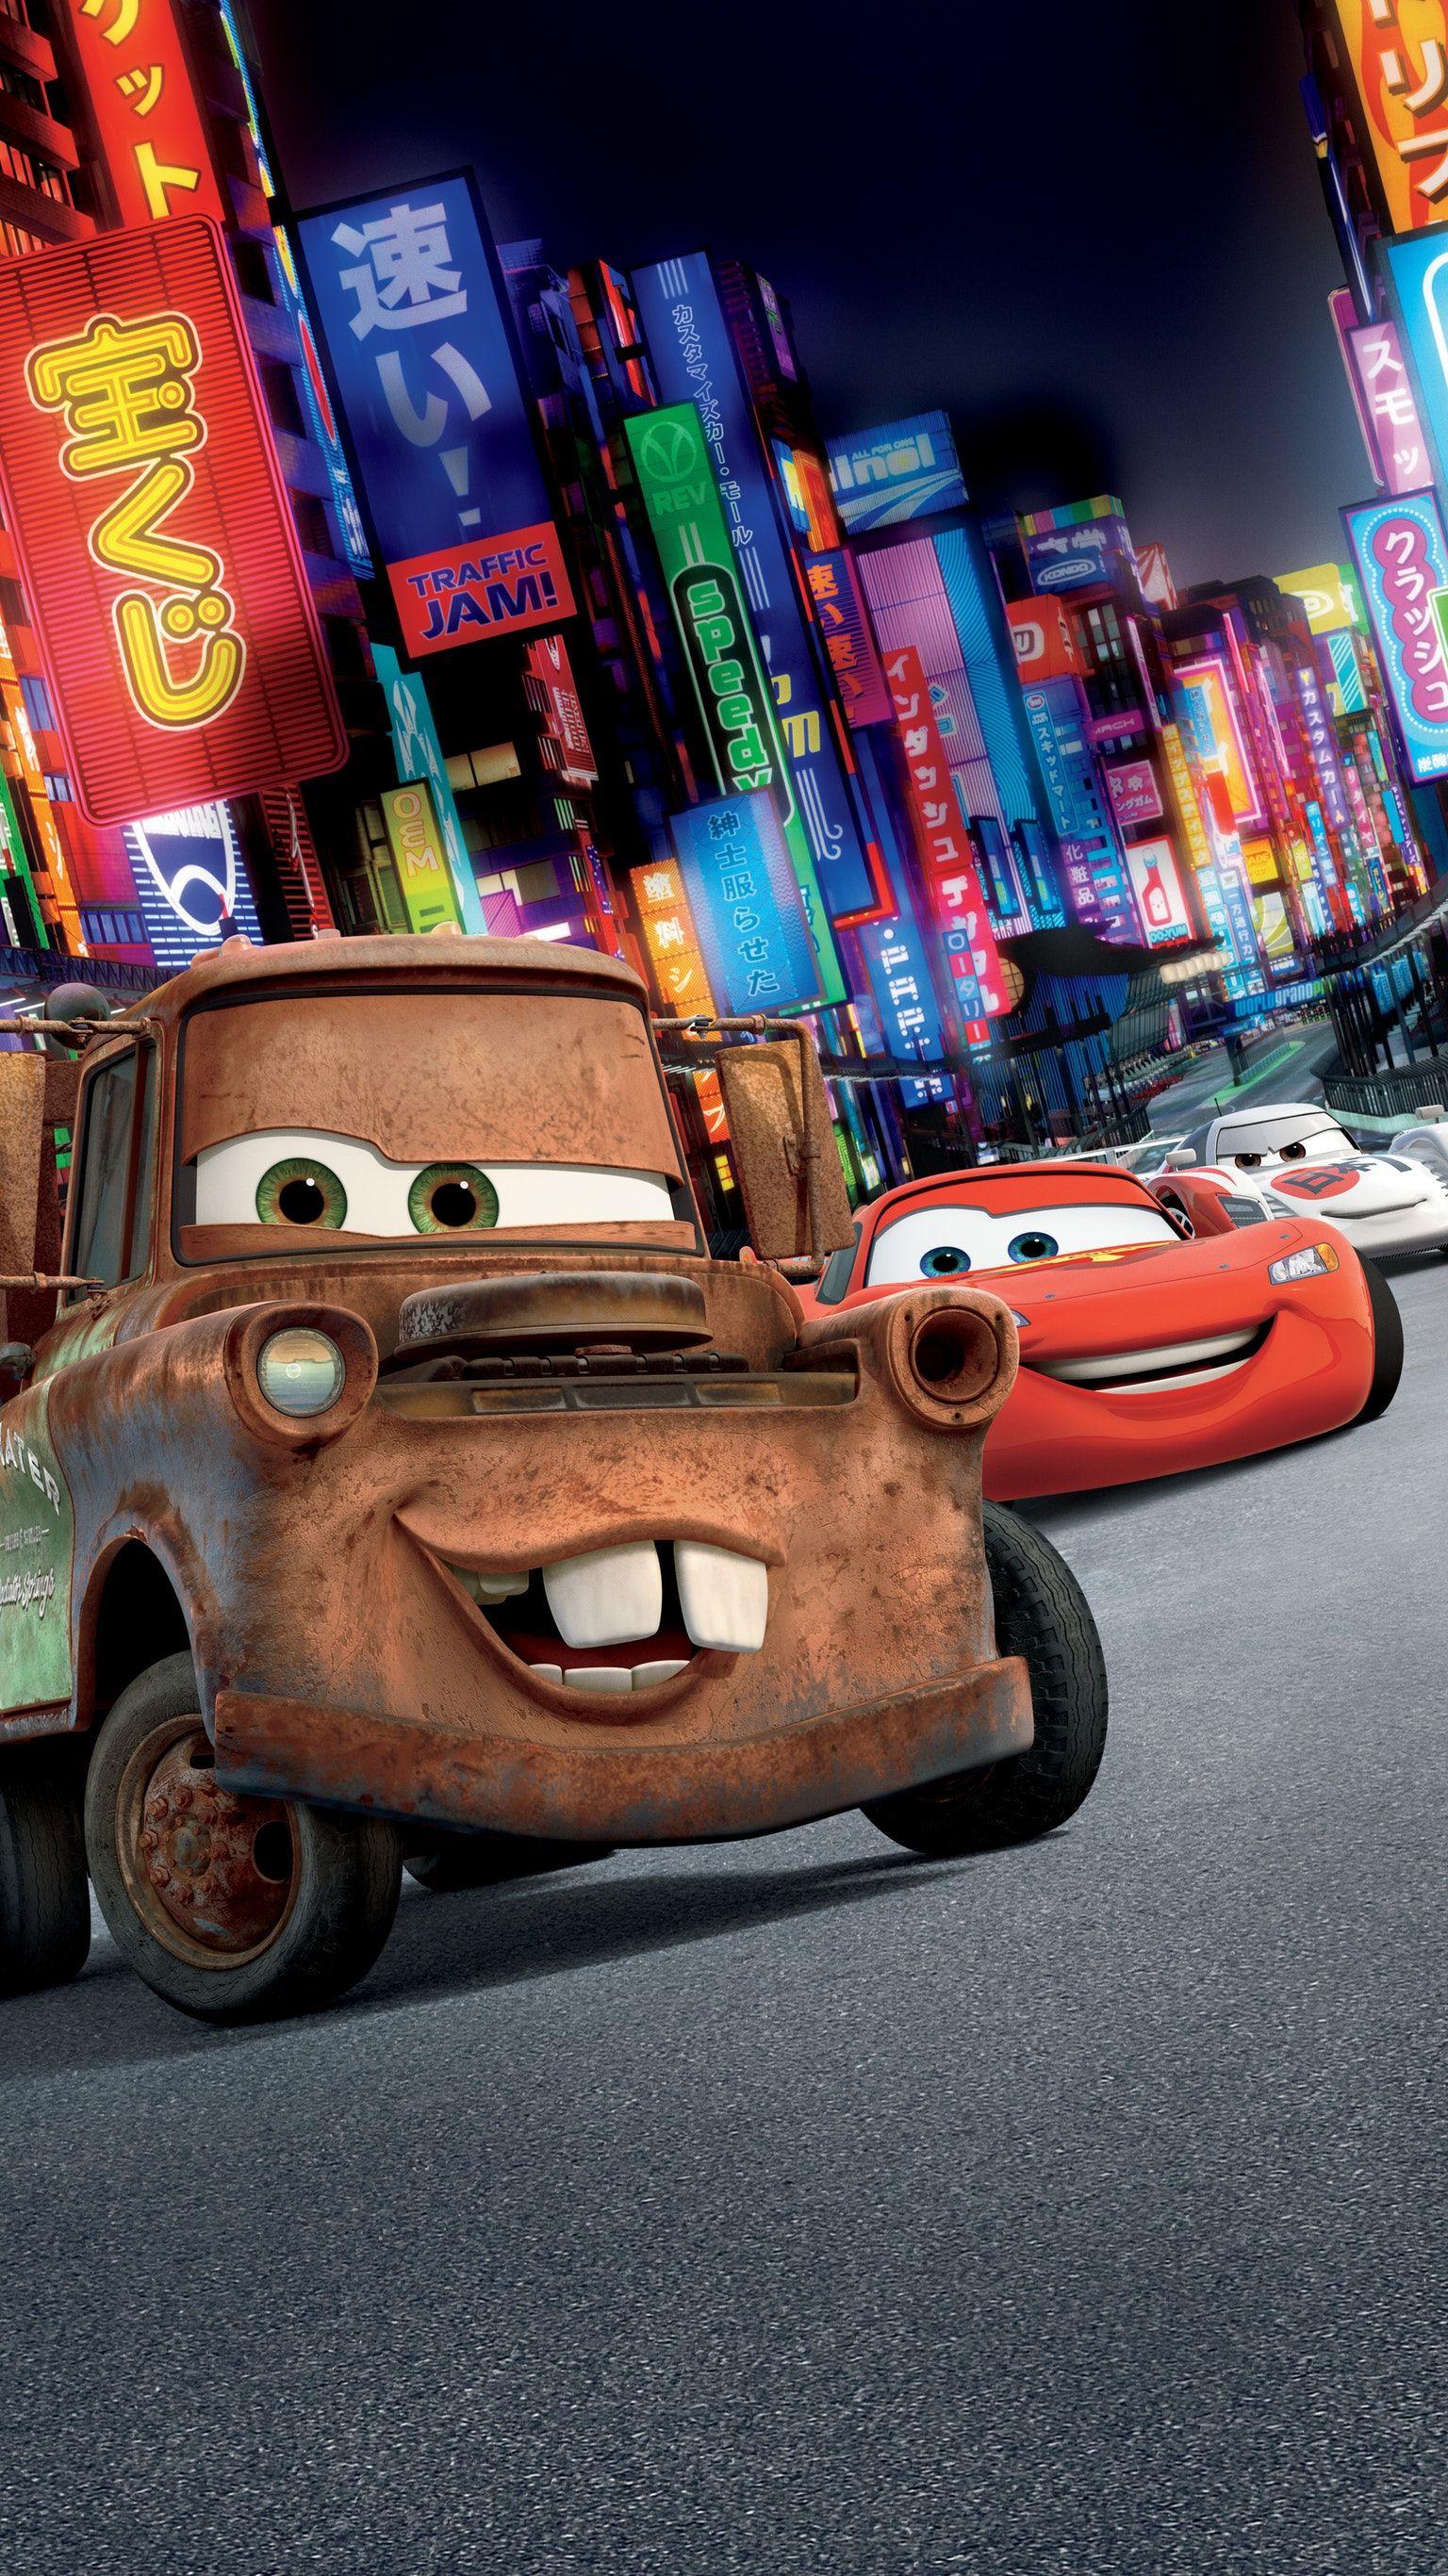 Cars 2 (2011) Phone Wallpaper Películas de aventuras